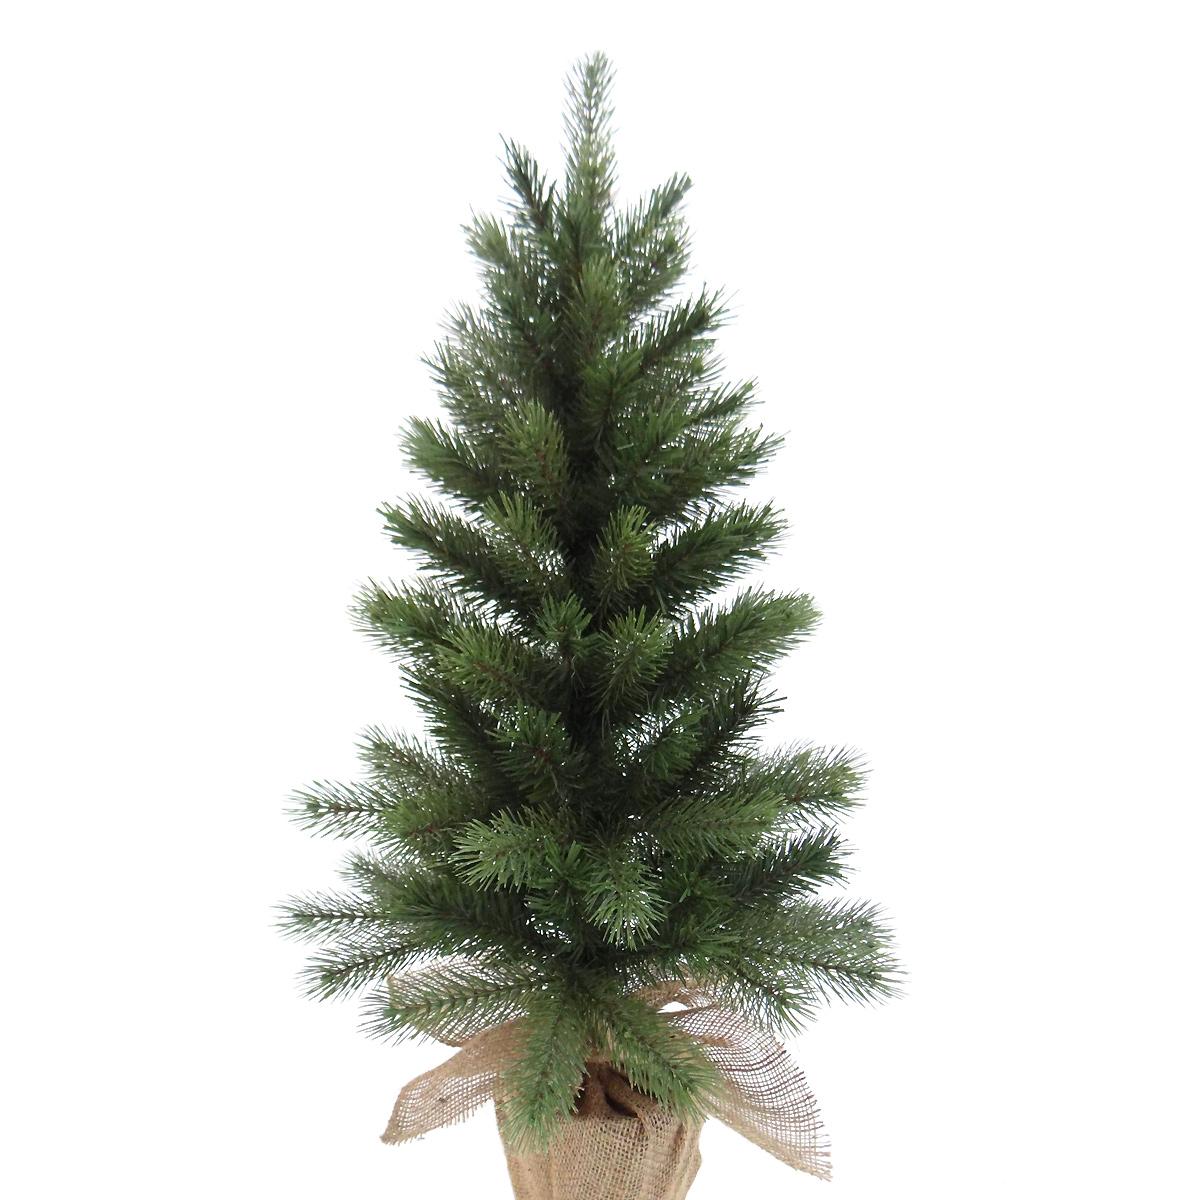 Ель Виктория 90 см, в мешочкеHJT06-90Сказочно красивая новогодняя елка из искусственной хвои украсит интерьер вашего дома или офиса к Новому году и создаст теплую и уютную атмосферу праздника. Откройте для себя удивительный мир сказок и грез. Почувствуйте волшебные минуты ожидания праздника, создайте новогоднее настроение вашим дорогим и близким.